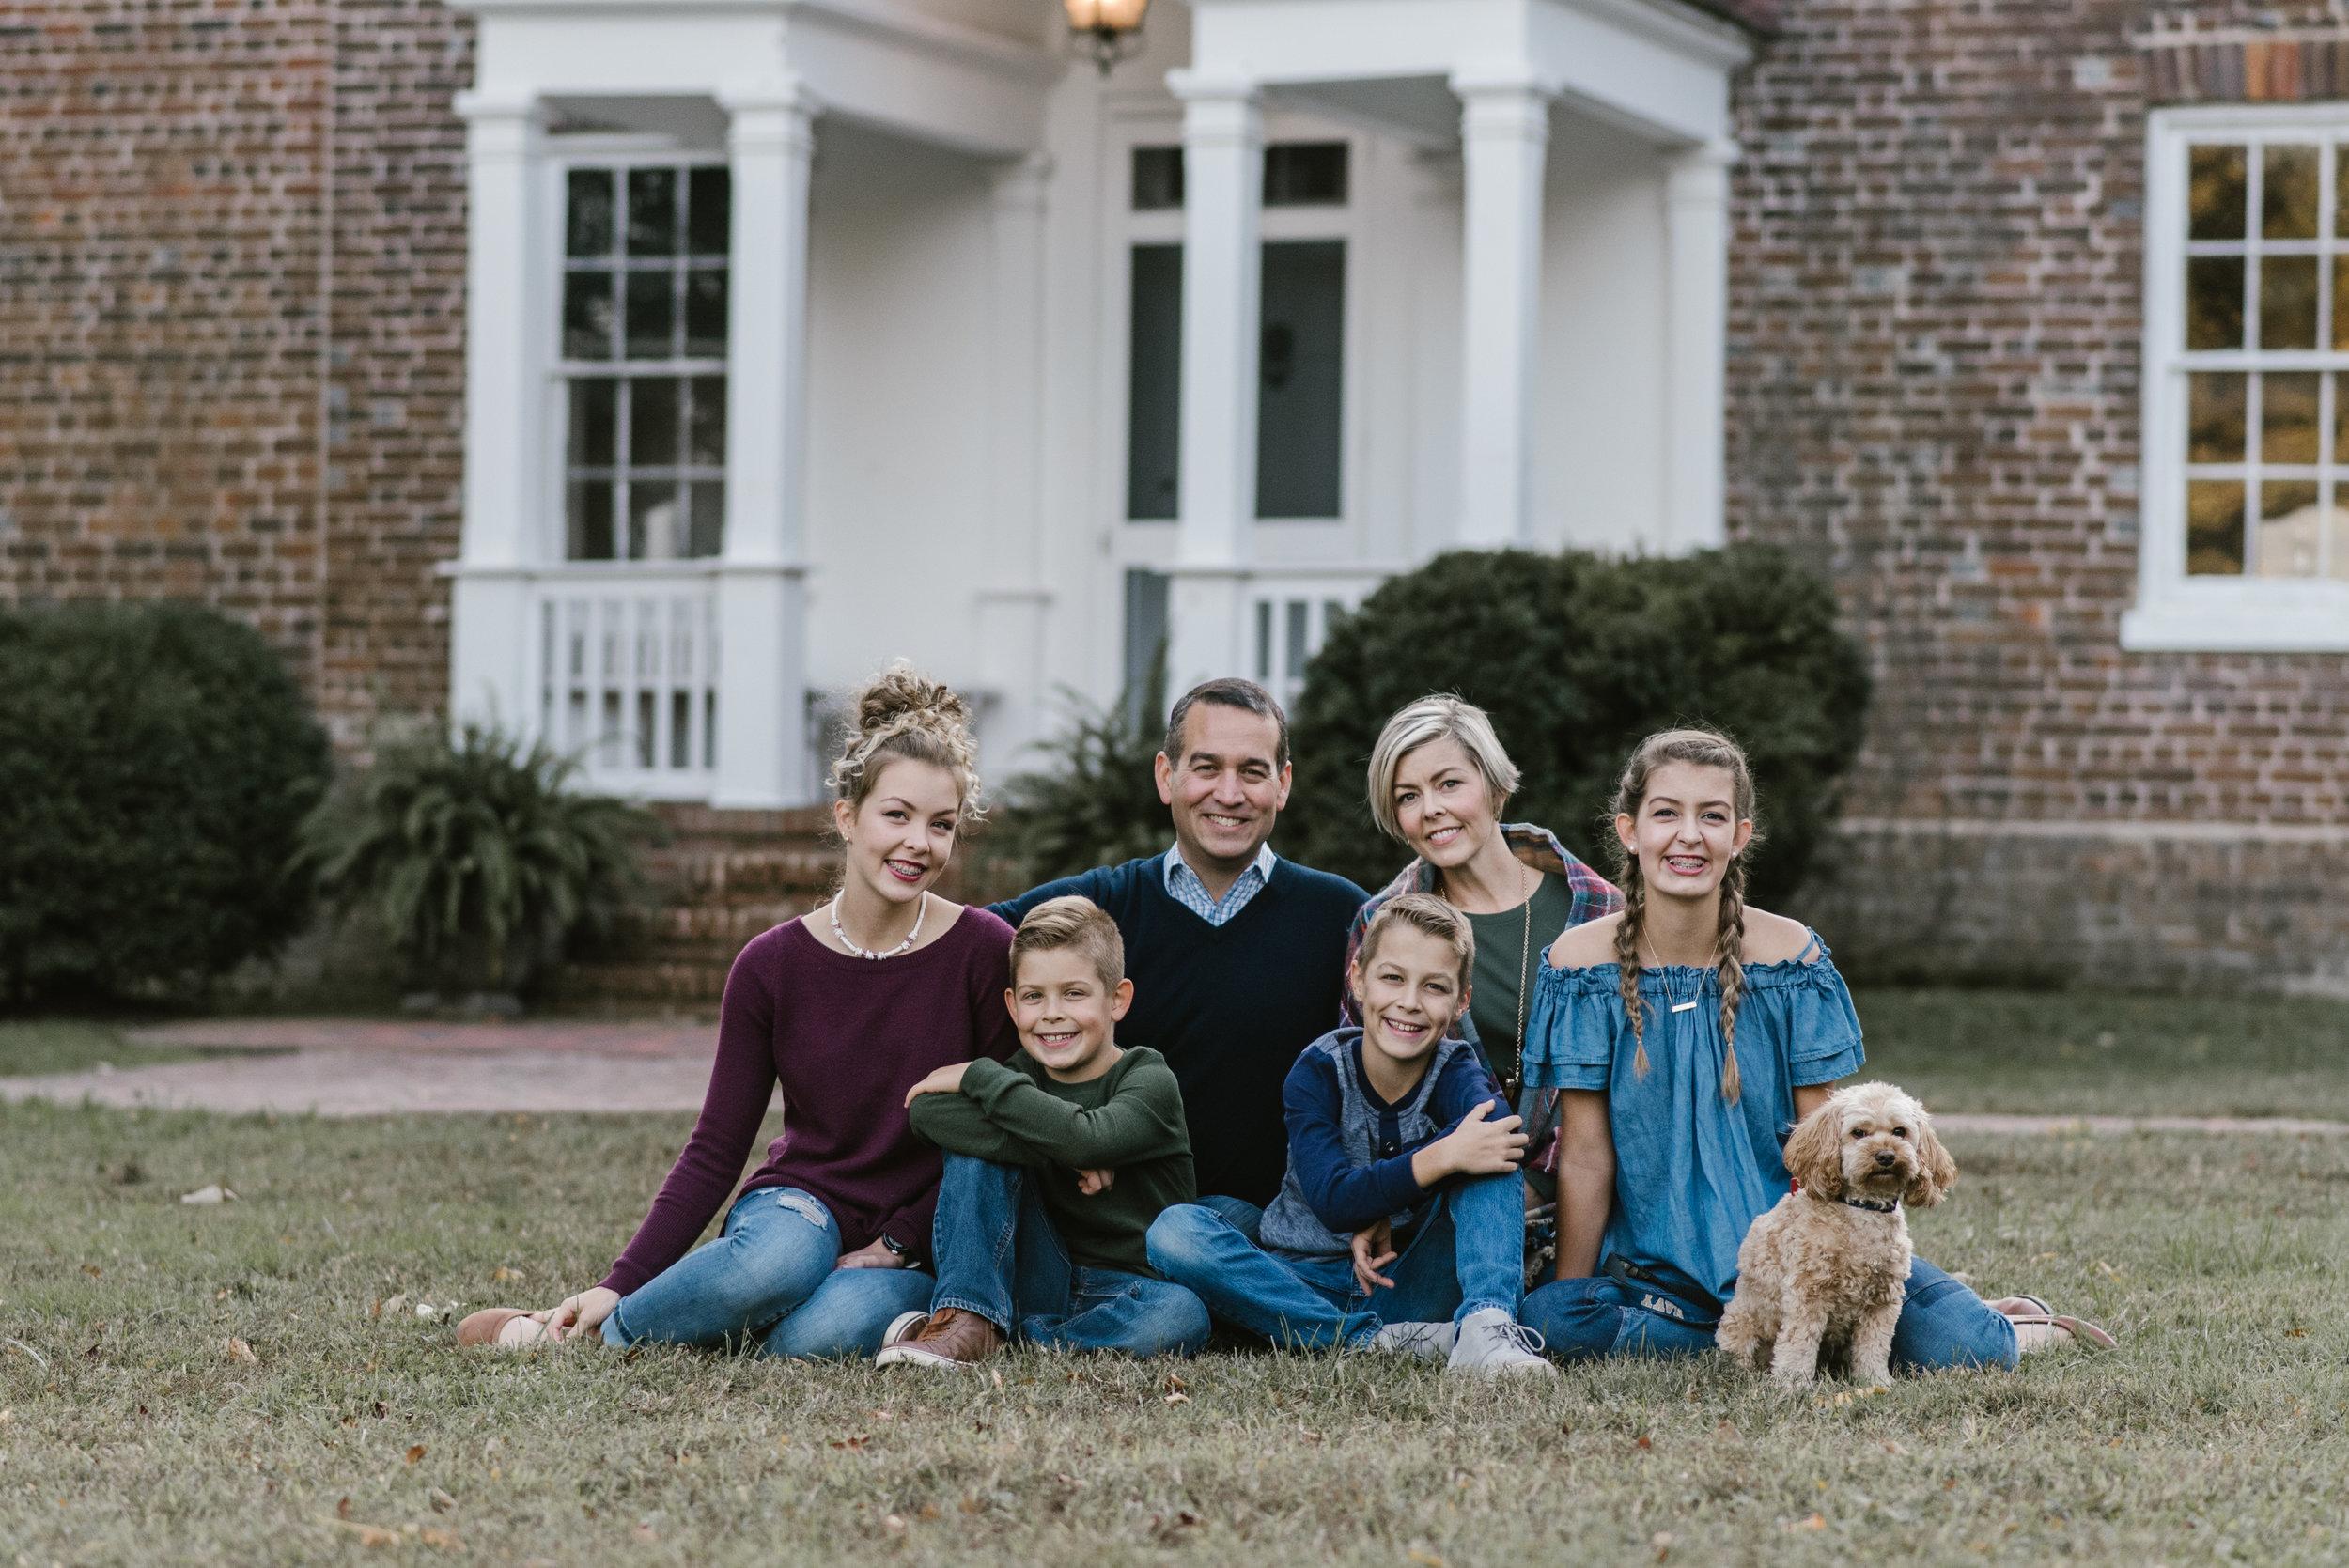 annapolisfamilyphotos-6.jpg